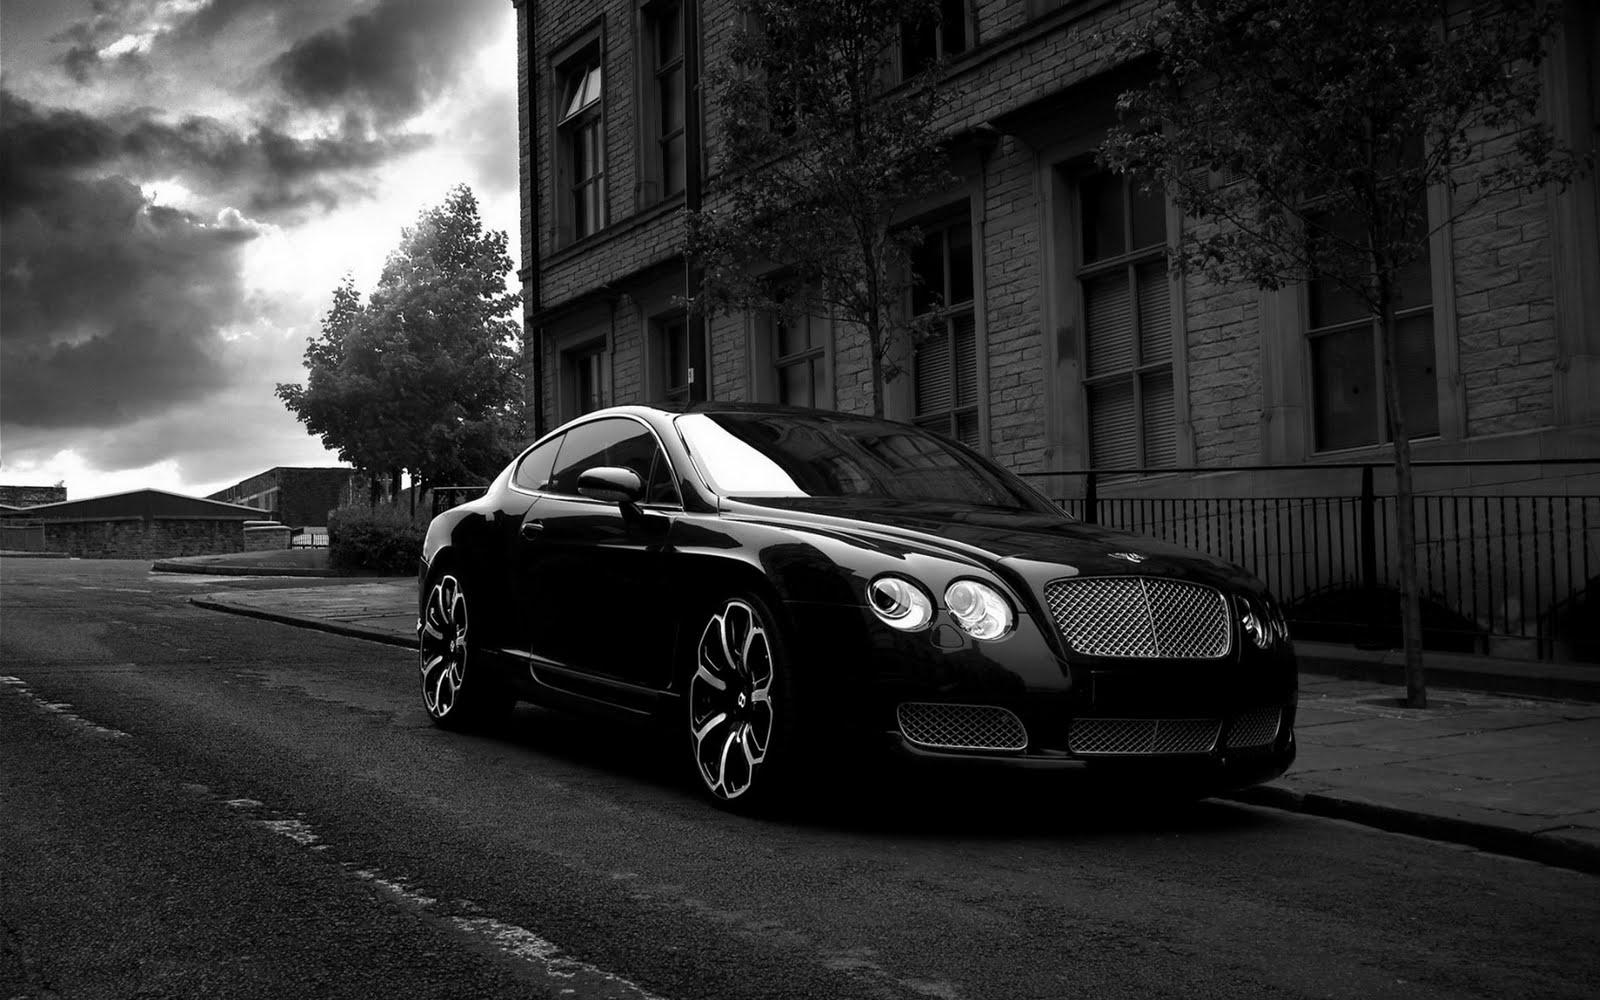 http://2.bp.blogspot.com/_aIrU_NInAww/S96iKu-T6qI/AAAAAAAAAKk/TyOSjbqwLow/s1600/laba.ws_New_Cars_HD_+0016.jpg